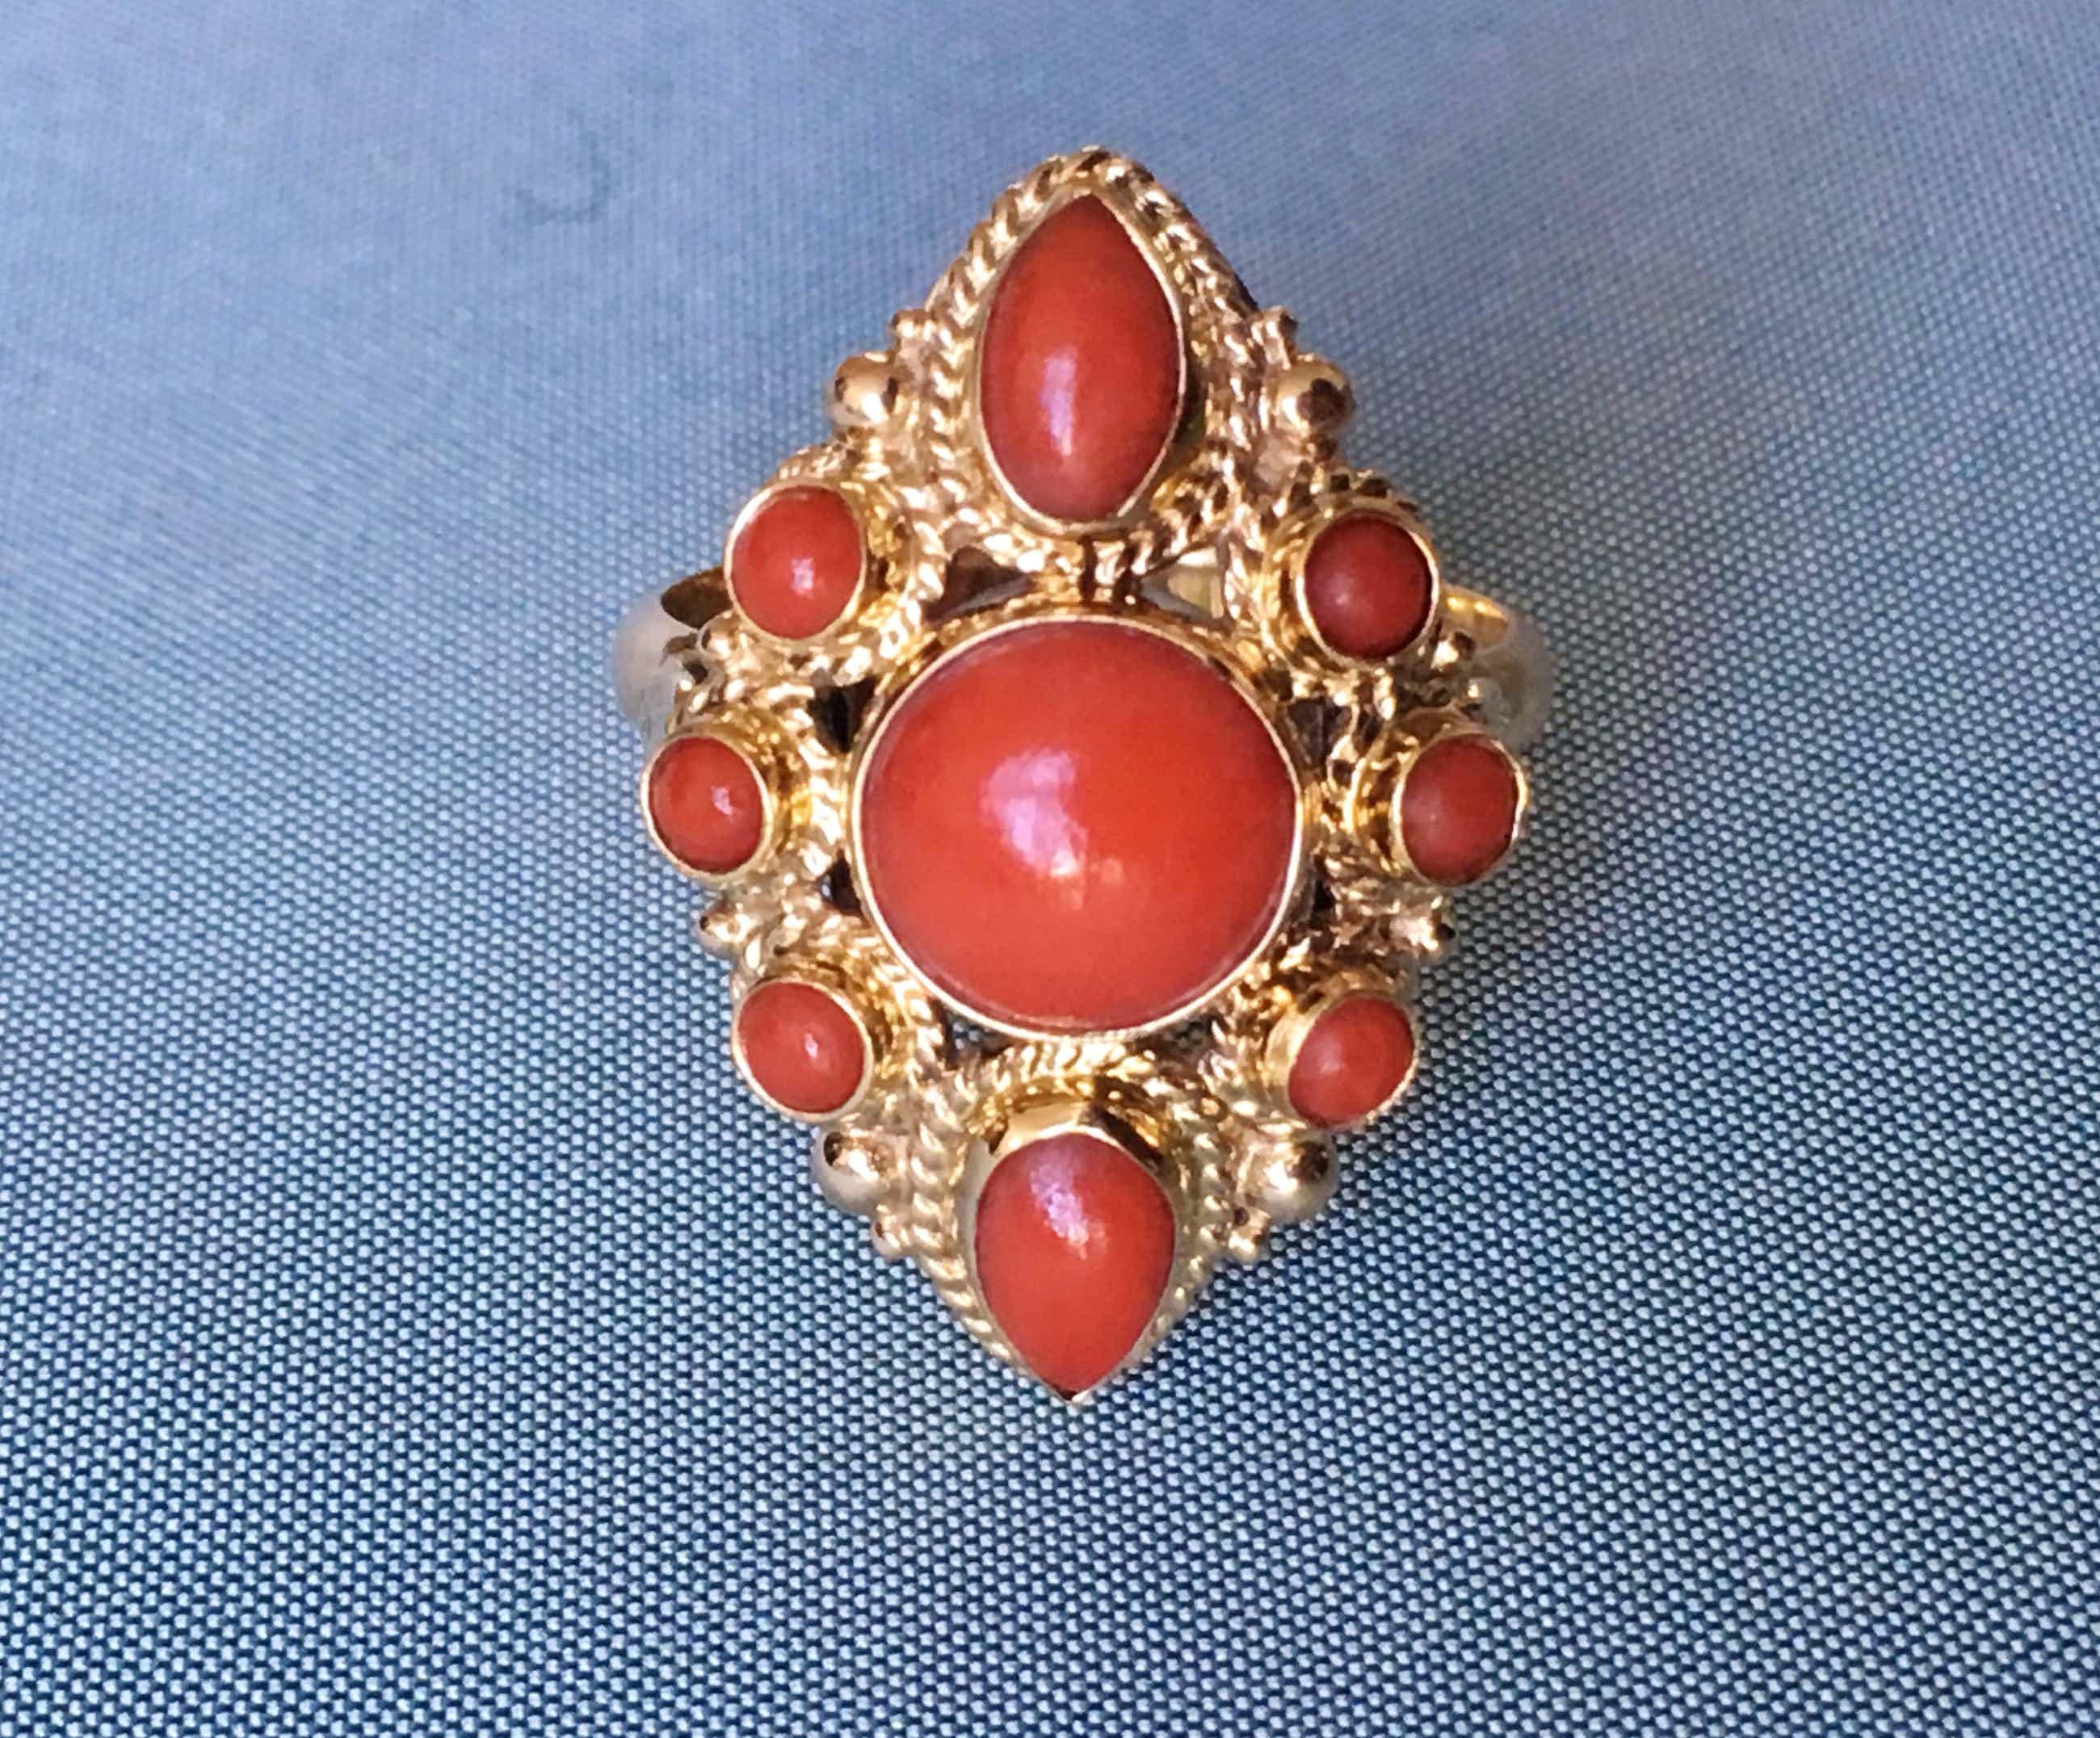 14K Goud - geelgouden vintage ring met bloedkoraal, maat 17 kopen? Bied vanaf 225!